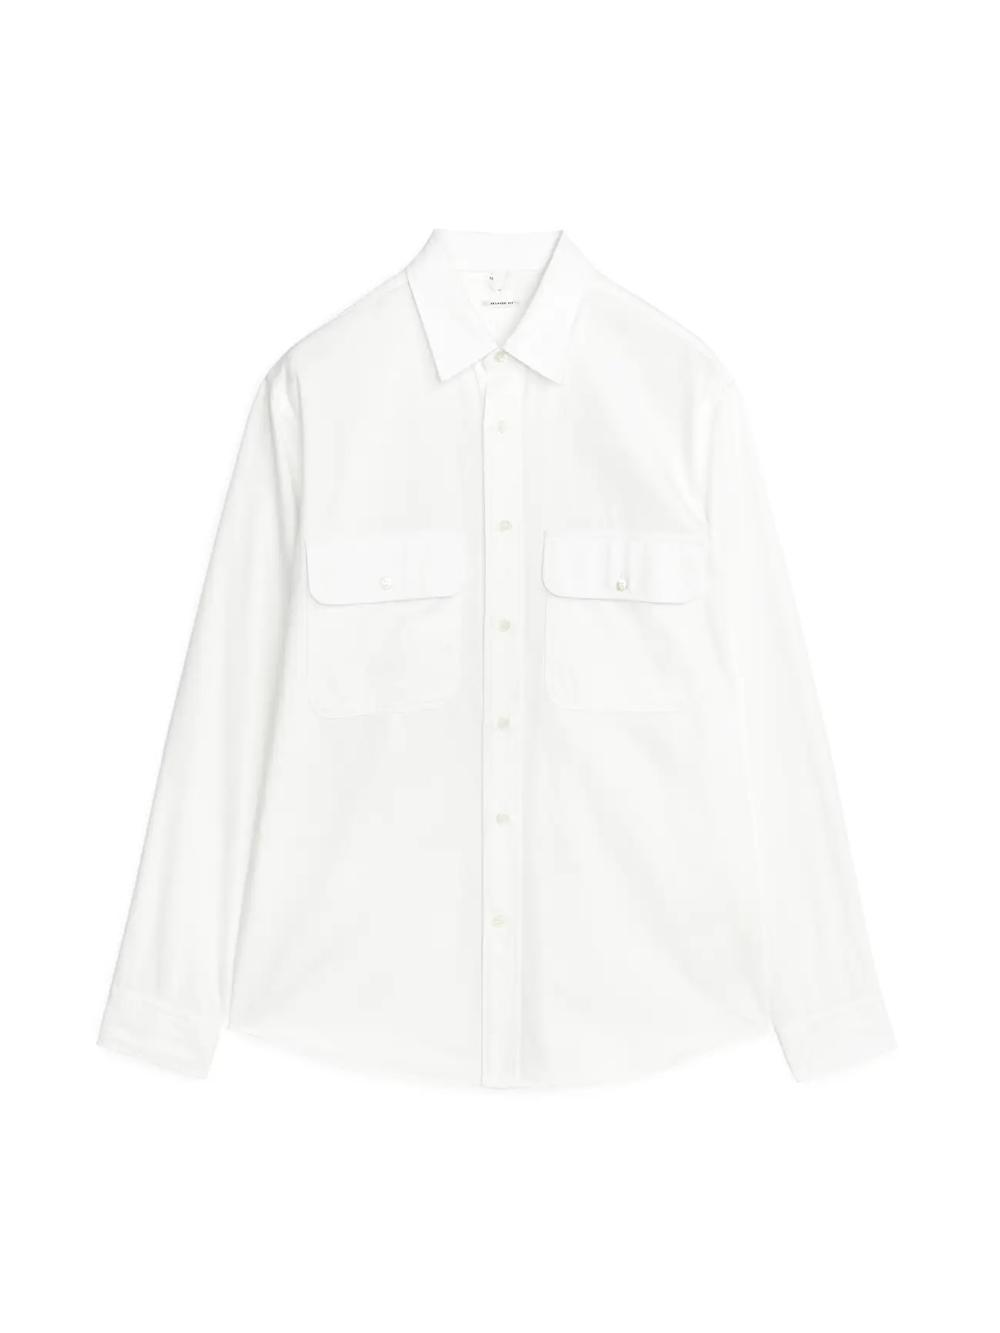 Arket bijela košulja ljeto 2020